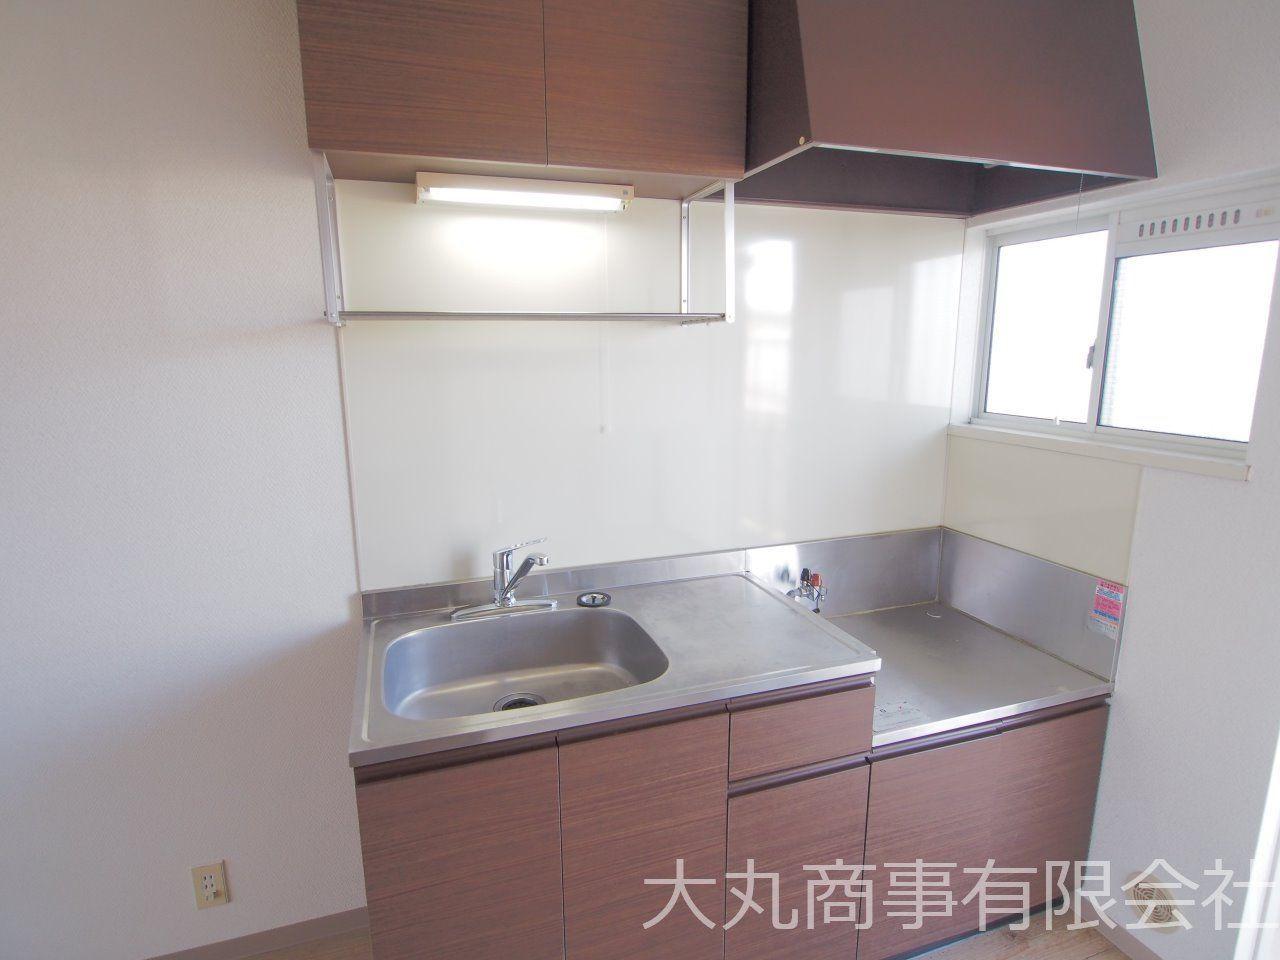 自炊派にうれしい単身向けの部屋では大きめのキッチン。2口ガスコンロ対応。